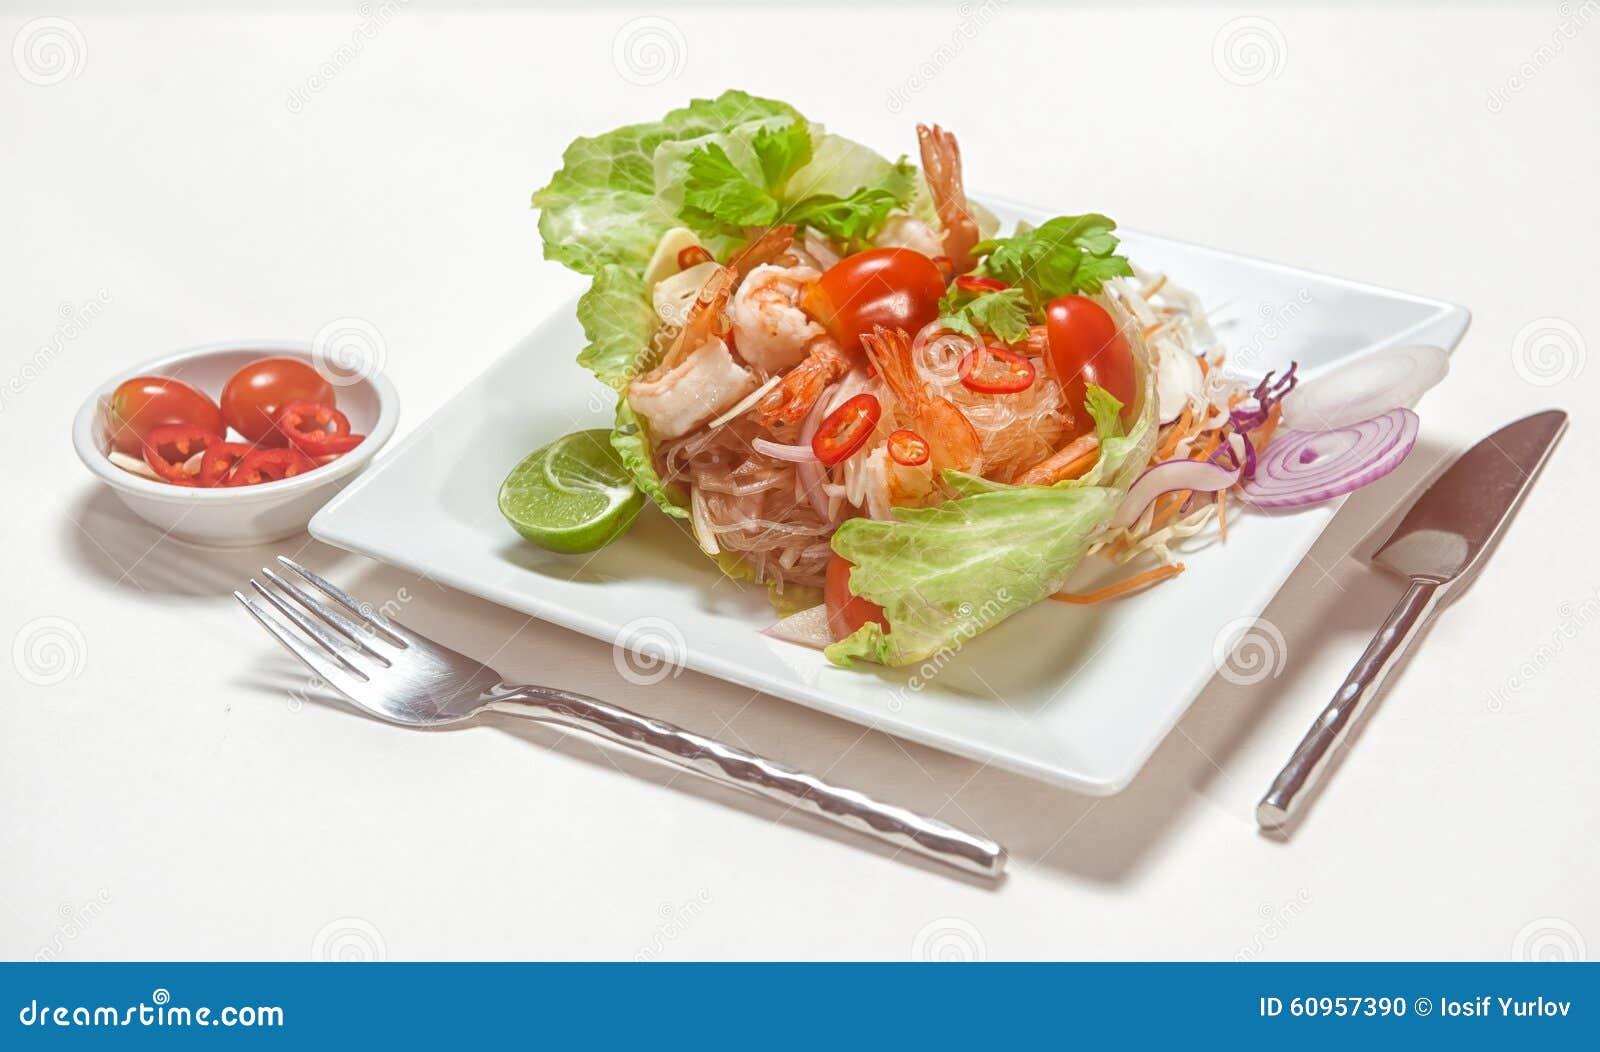 Disegno cucina internazionale : Piatti Di Cucina Internazionale In Ristorante Fotografia Stock ...